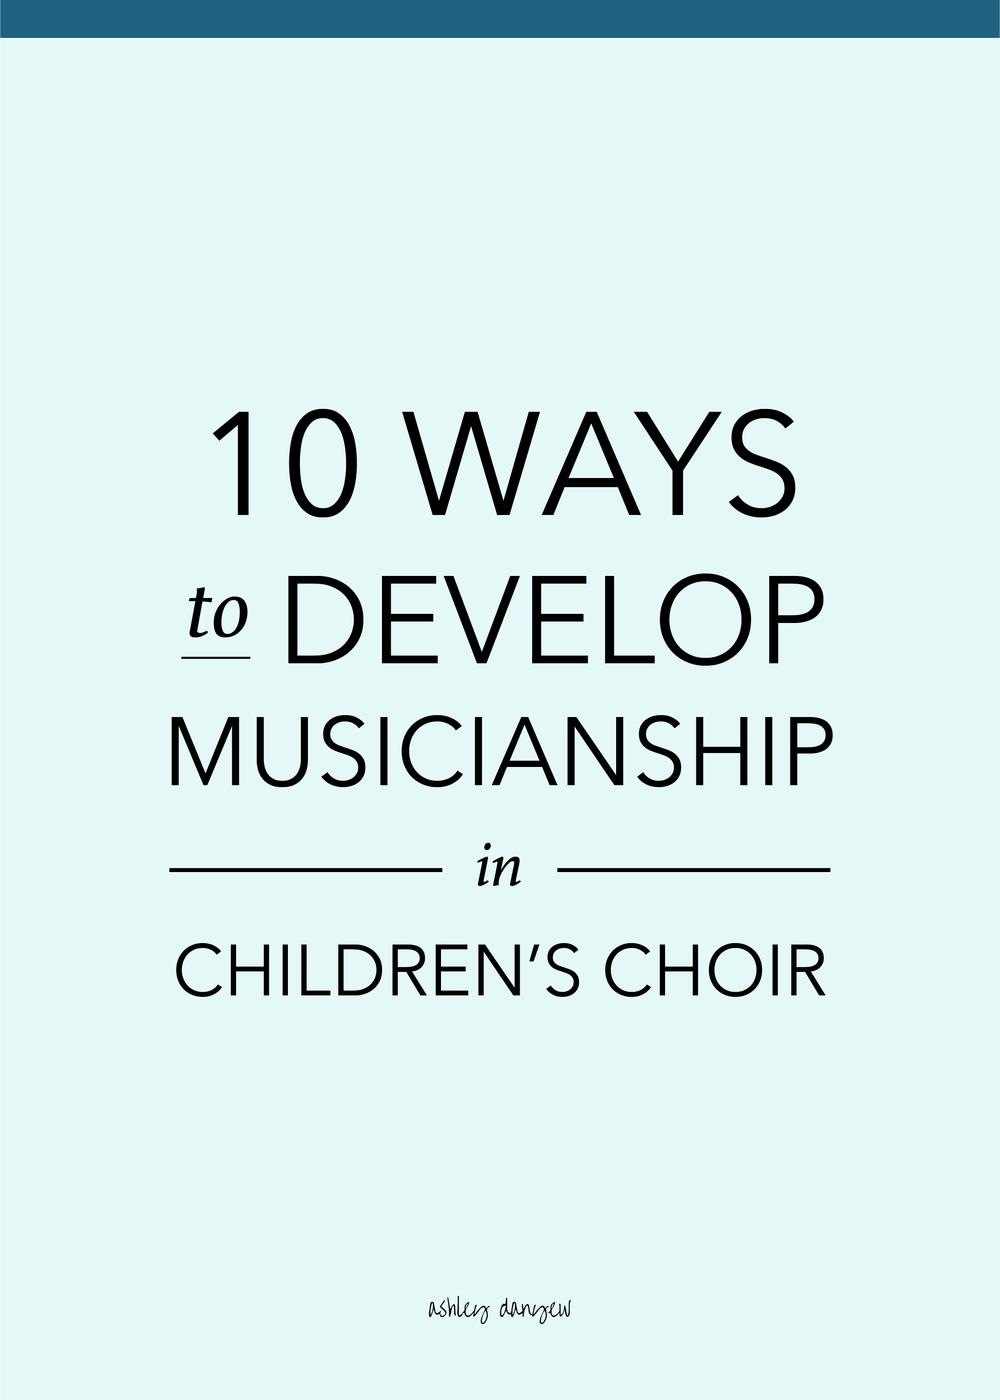 Copy of 10 Ways to Develop Musicianship in Children's Choir